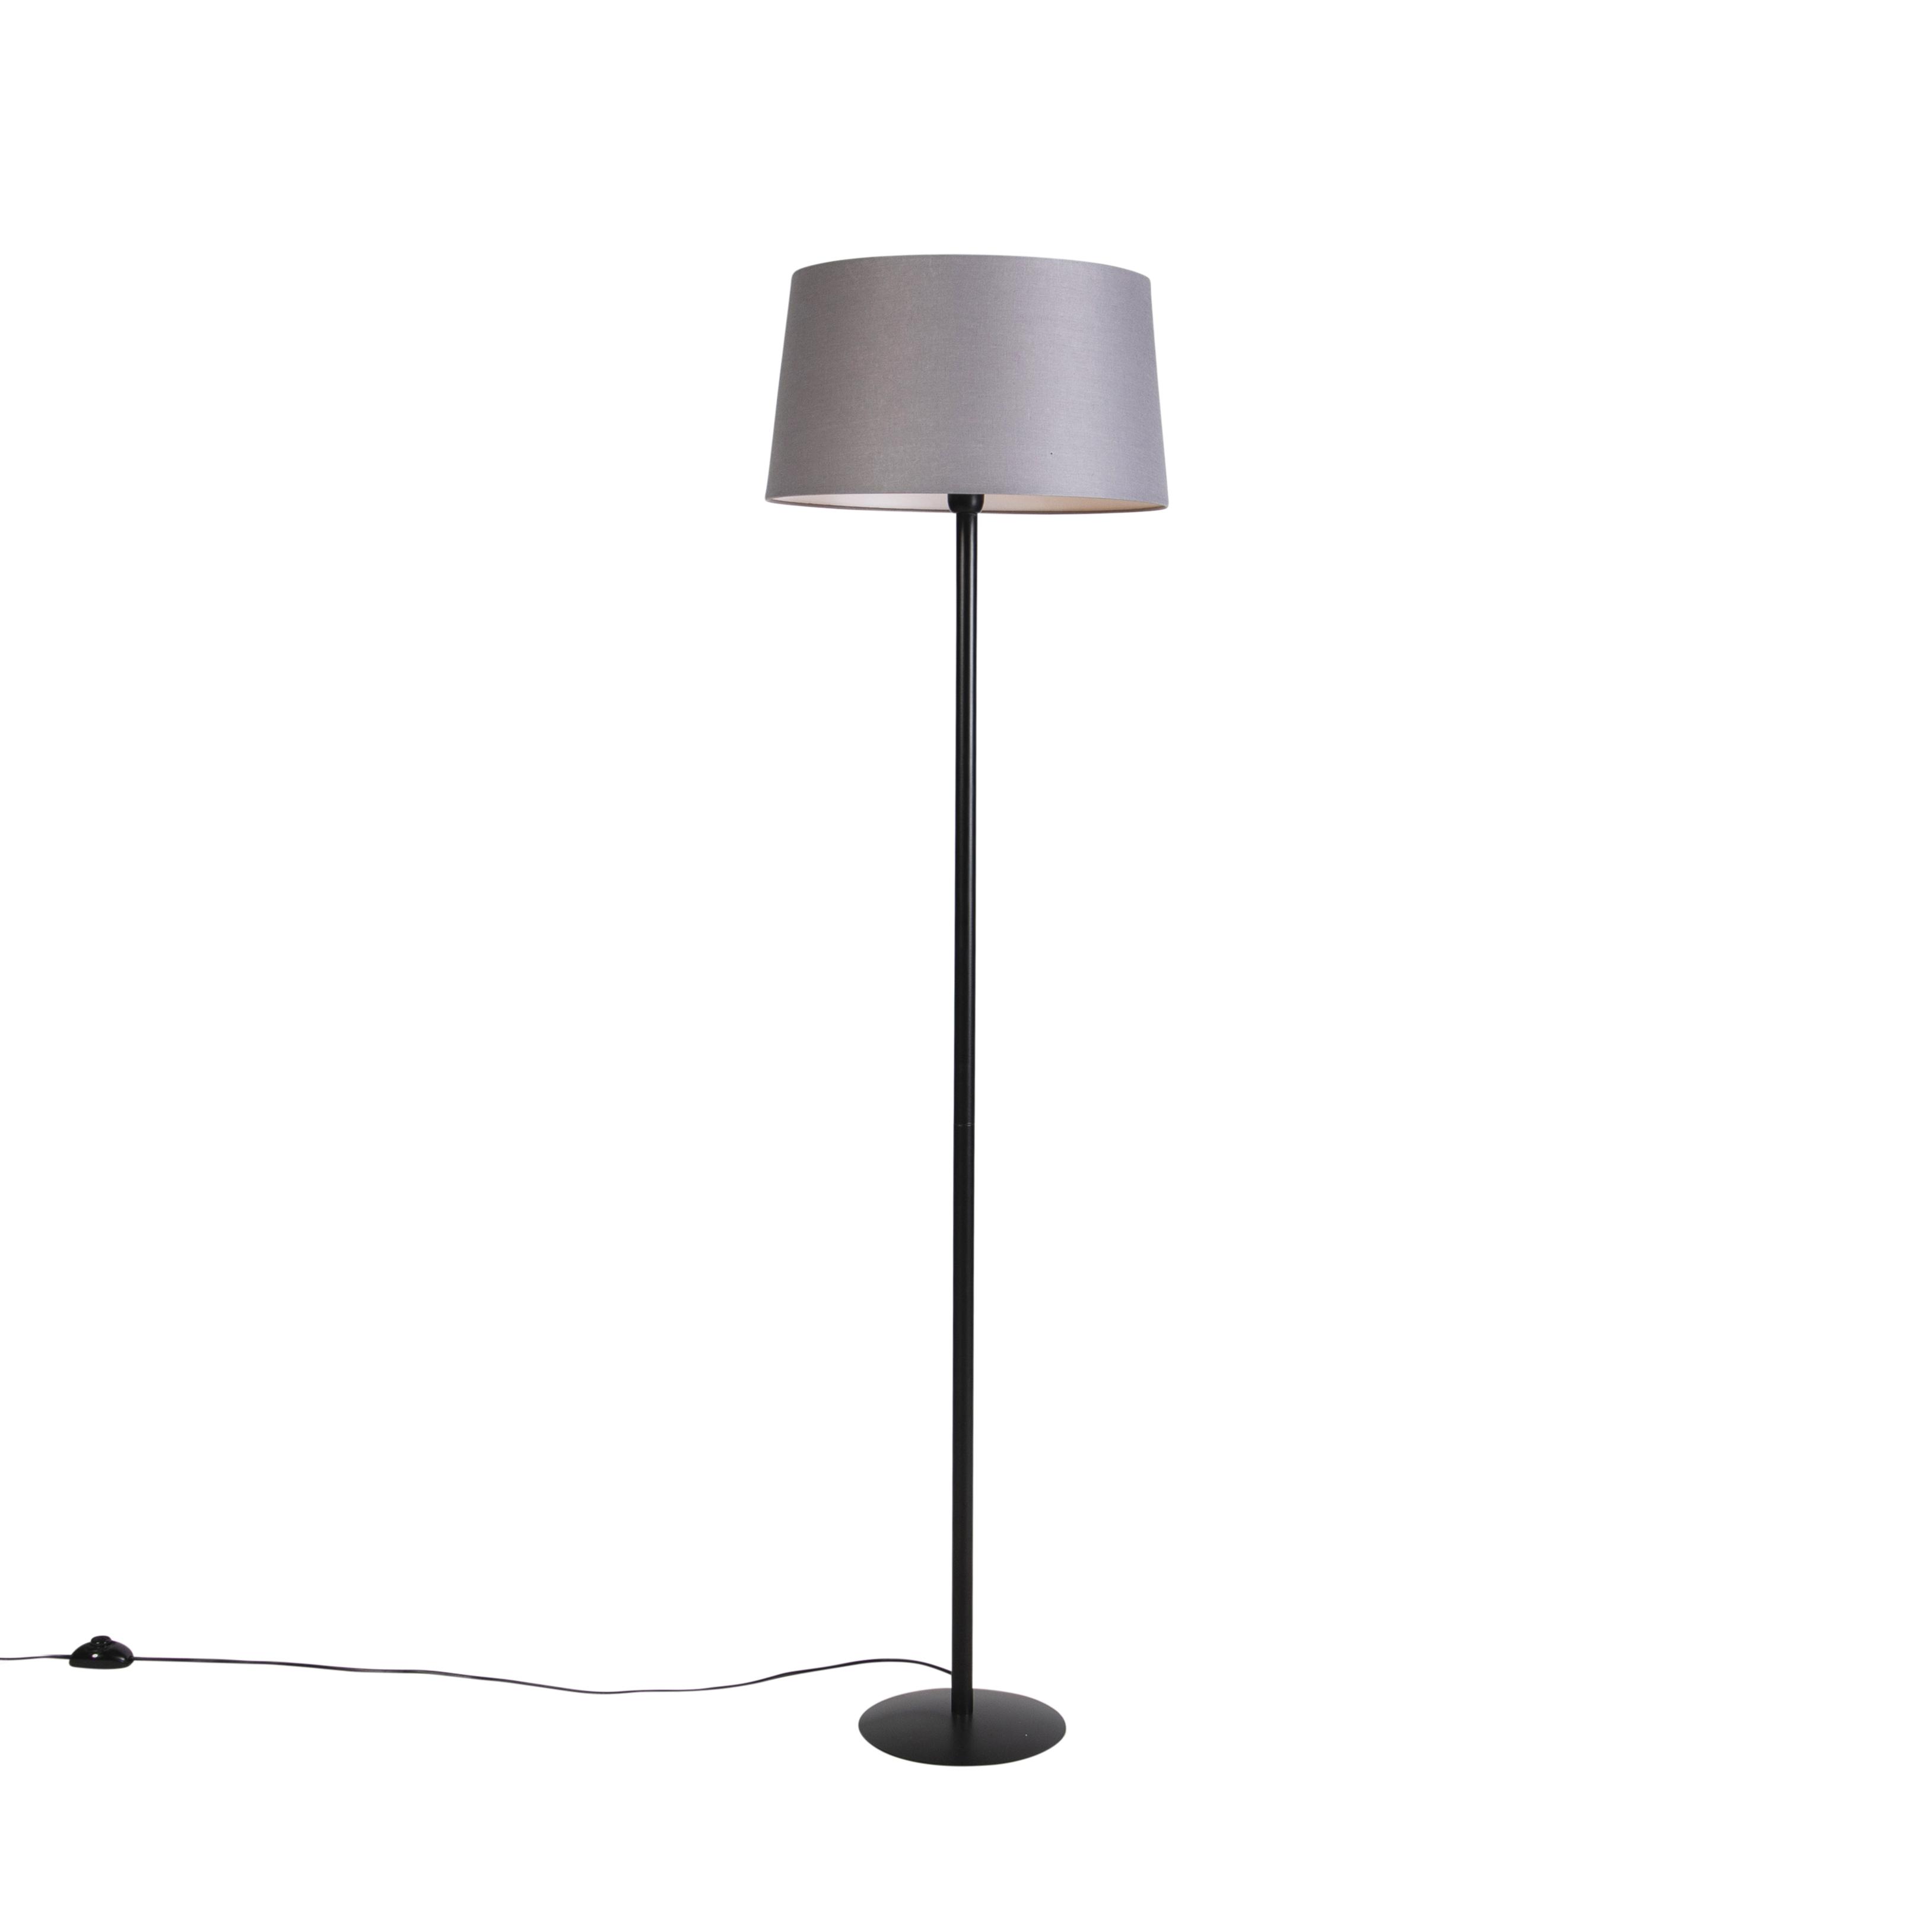 Zwarte vloerlamp met linnen kap donkergrijs 45 cm - Simplo